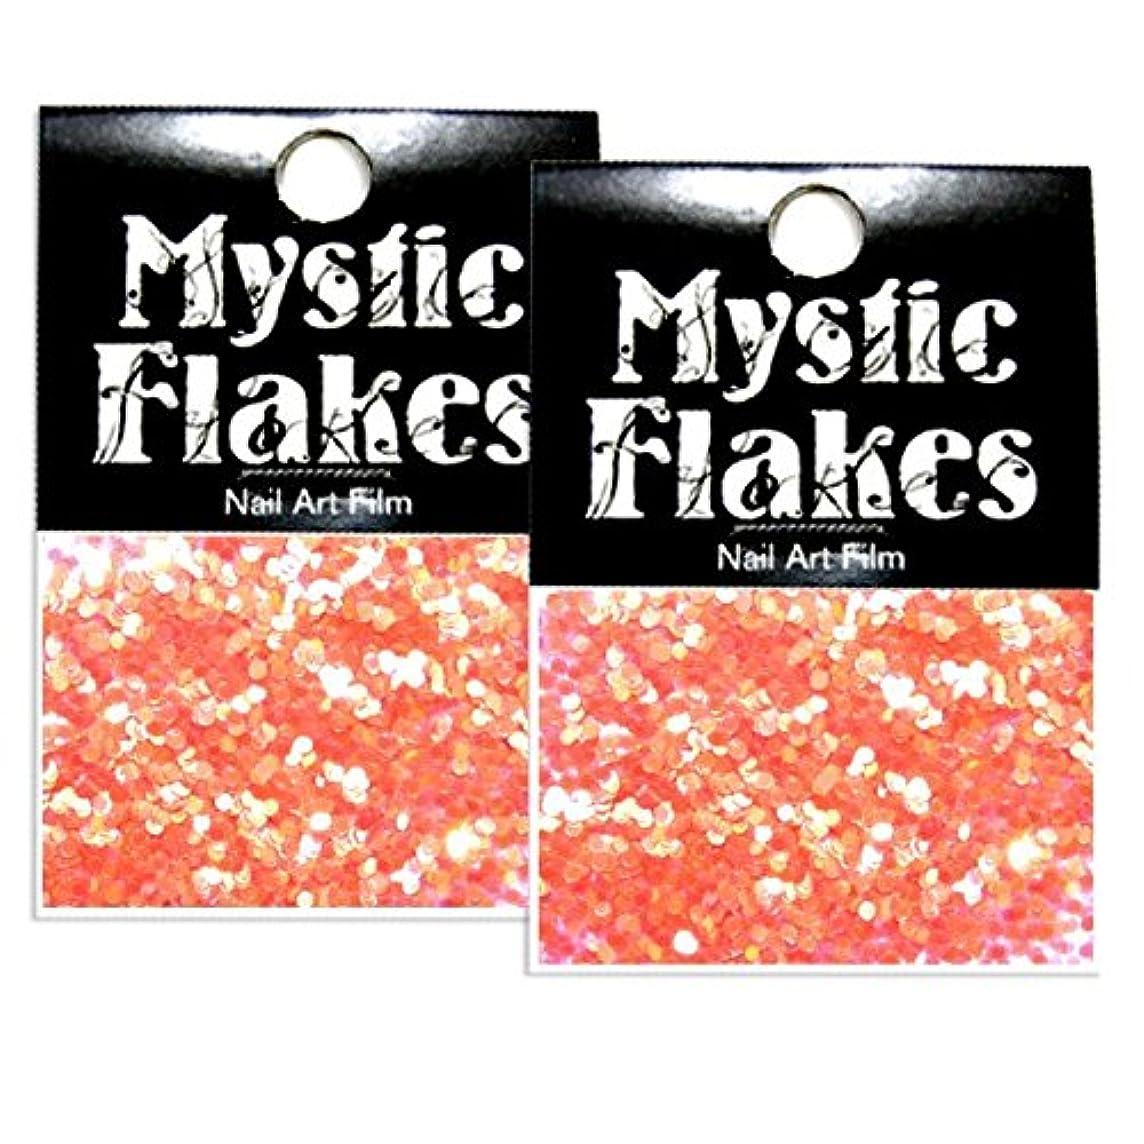 バンジョー研究所見かけ上ミスティックフレース ネイル用ストーン パールレッド ヘキサゴン 1mm 0.5g 2個セット